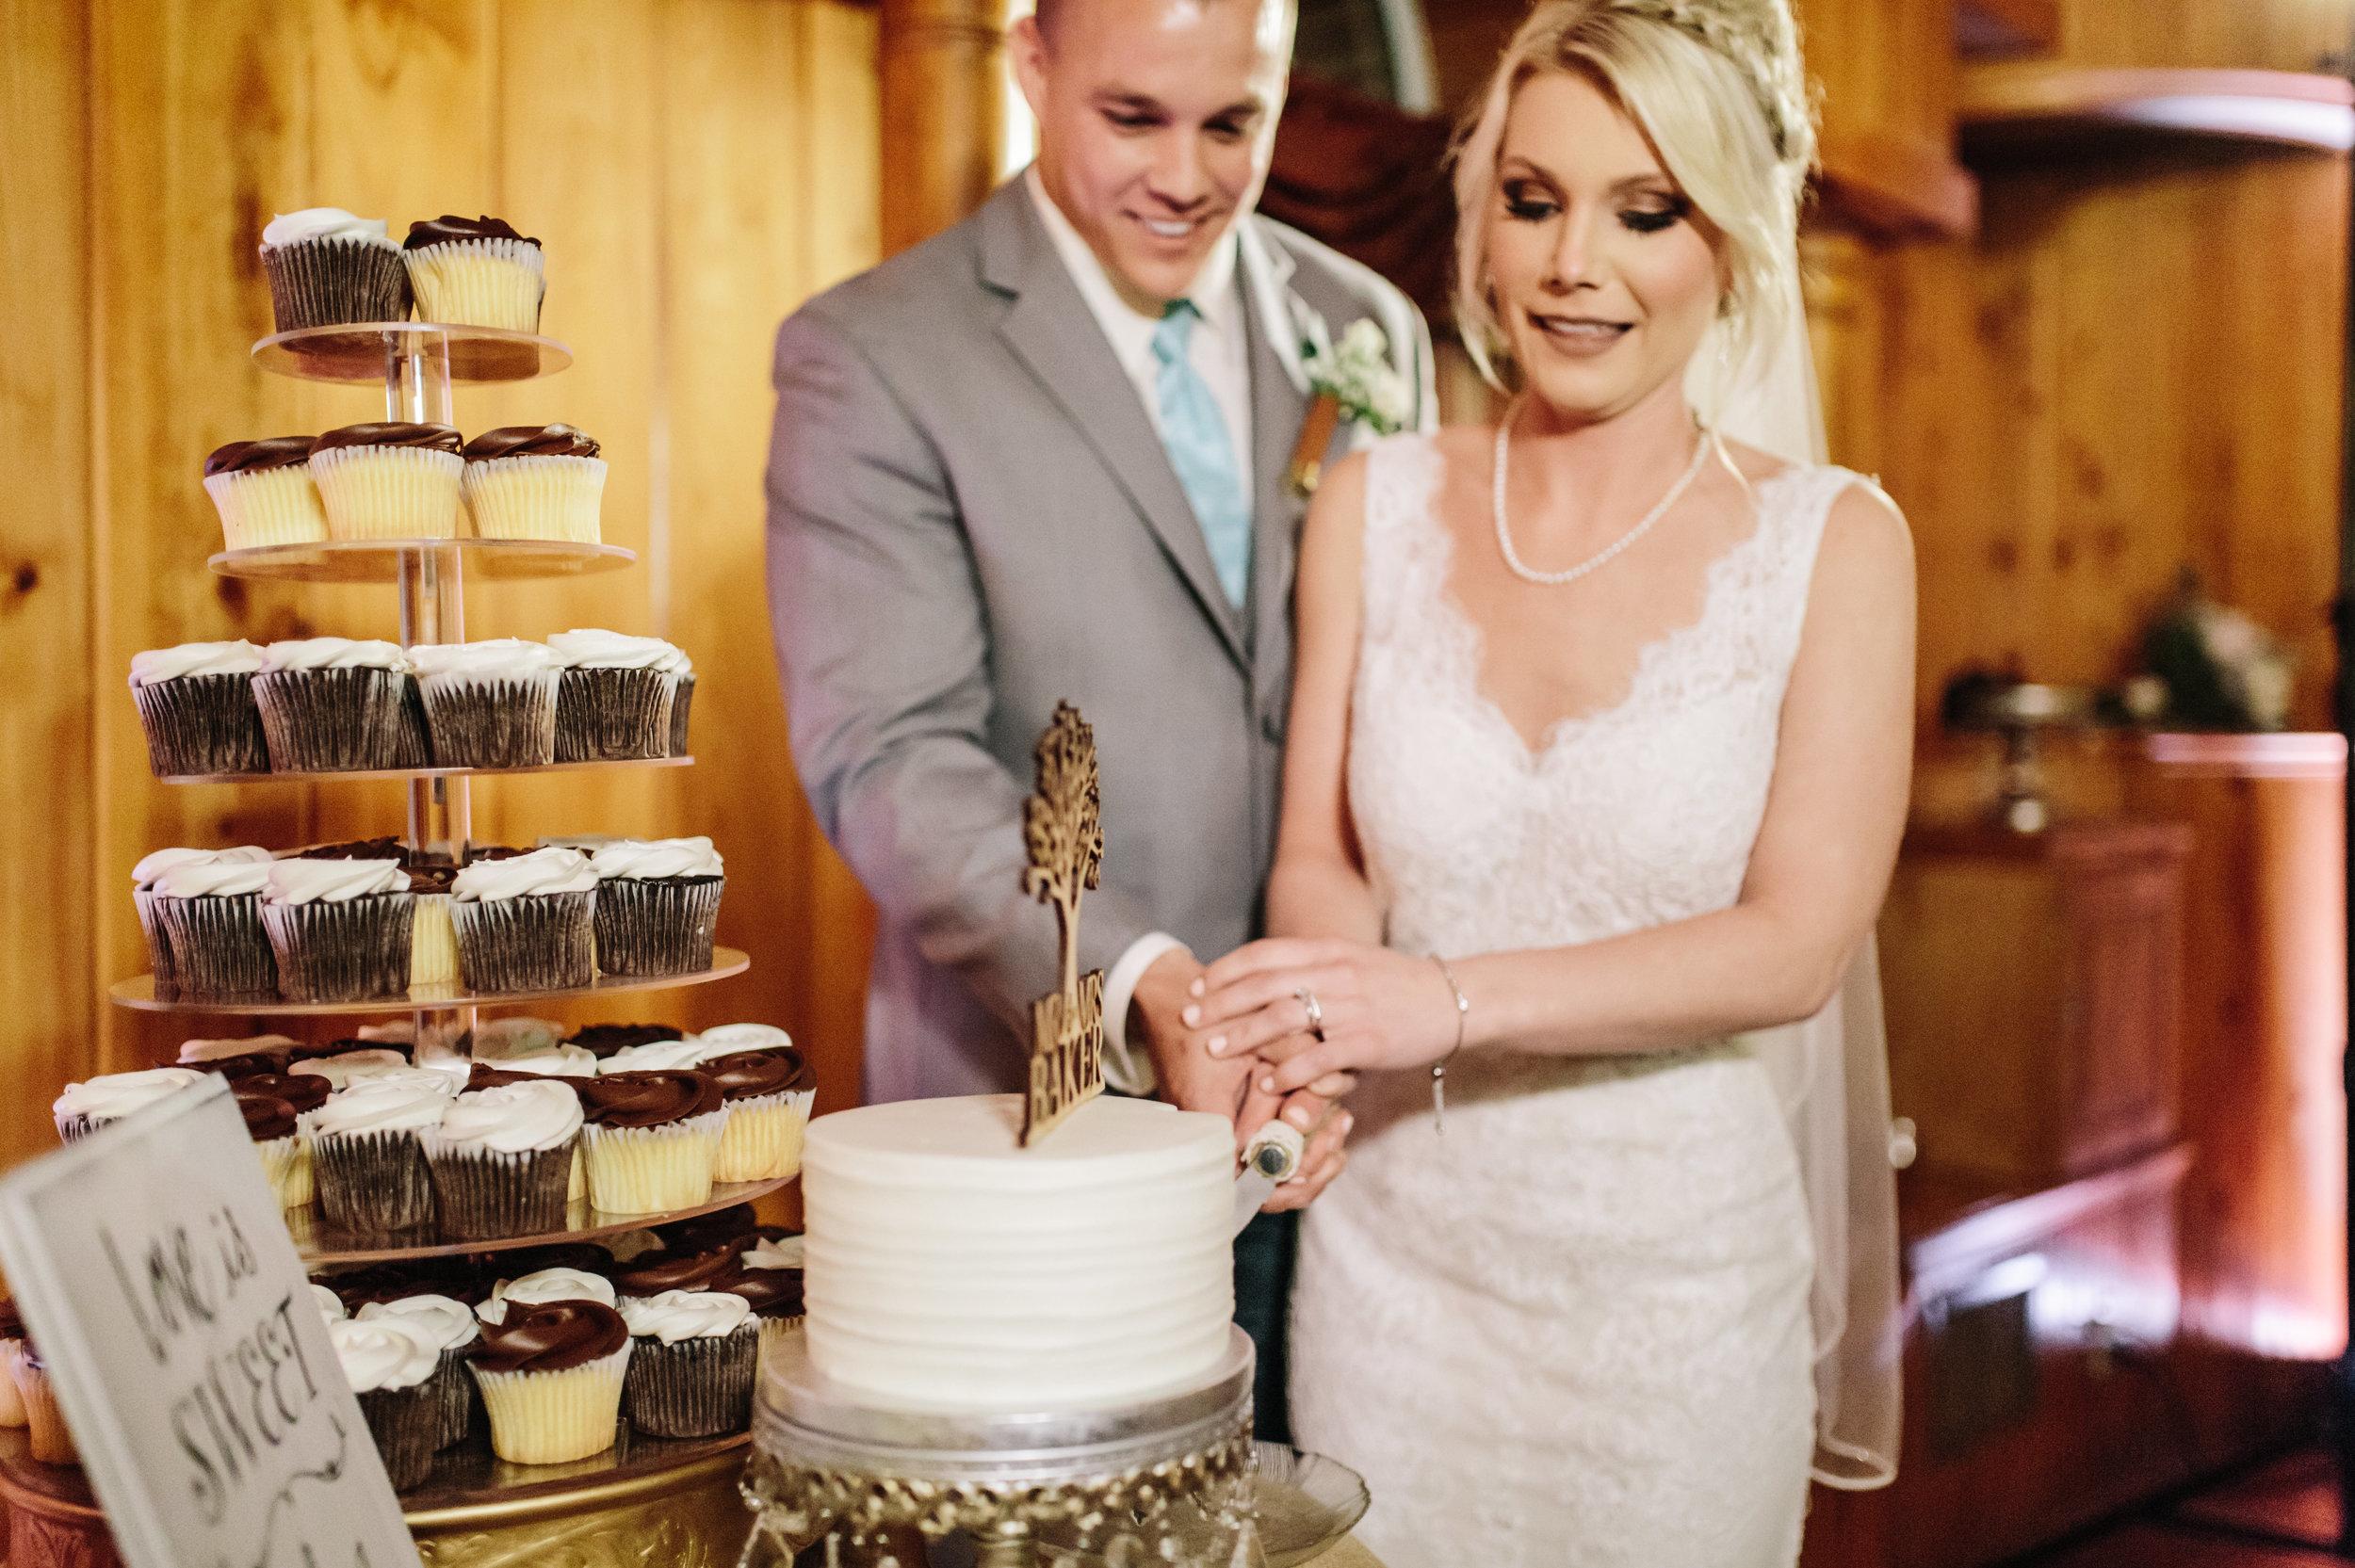 2018.02.10 Mariah and Ryan Baker Estate on Halifax Wedding (1012 of 1218).jpg